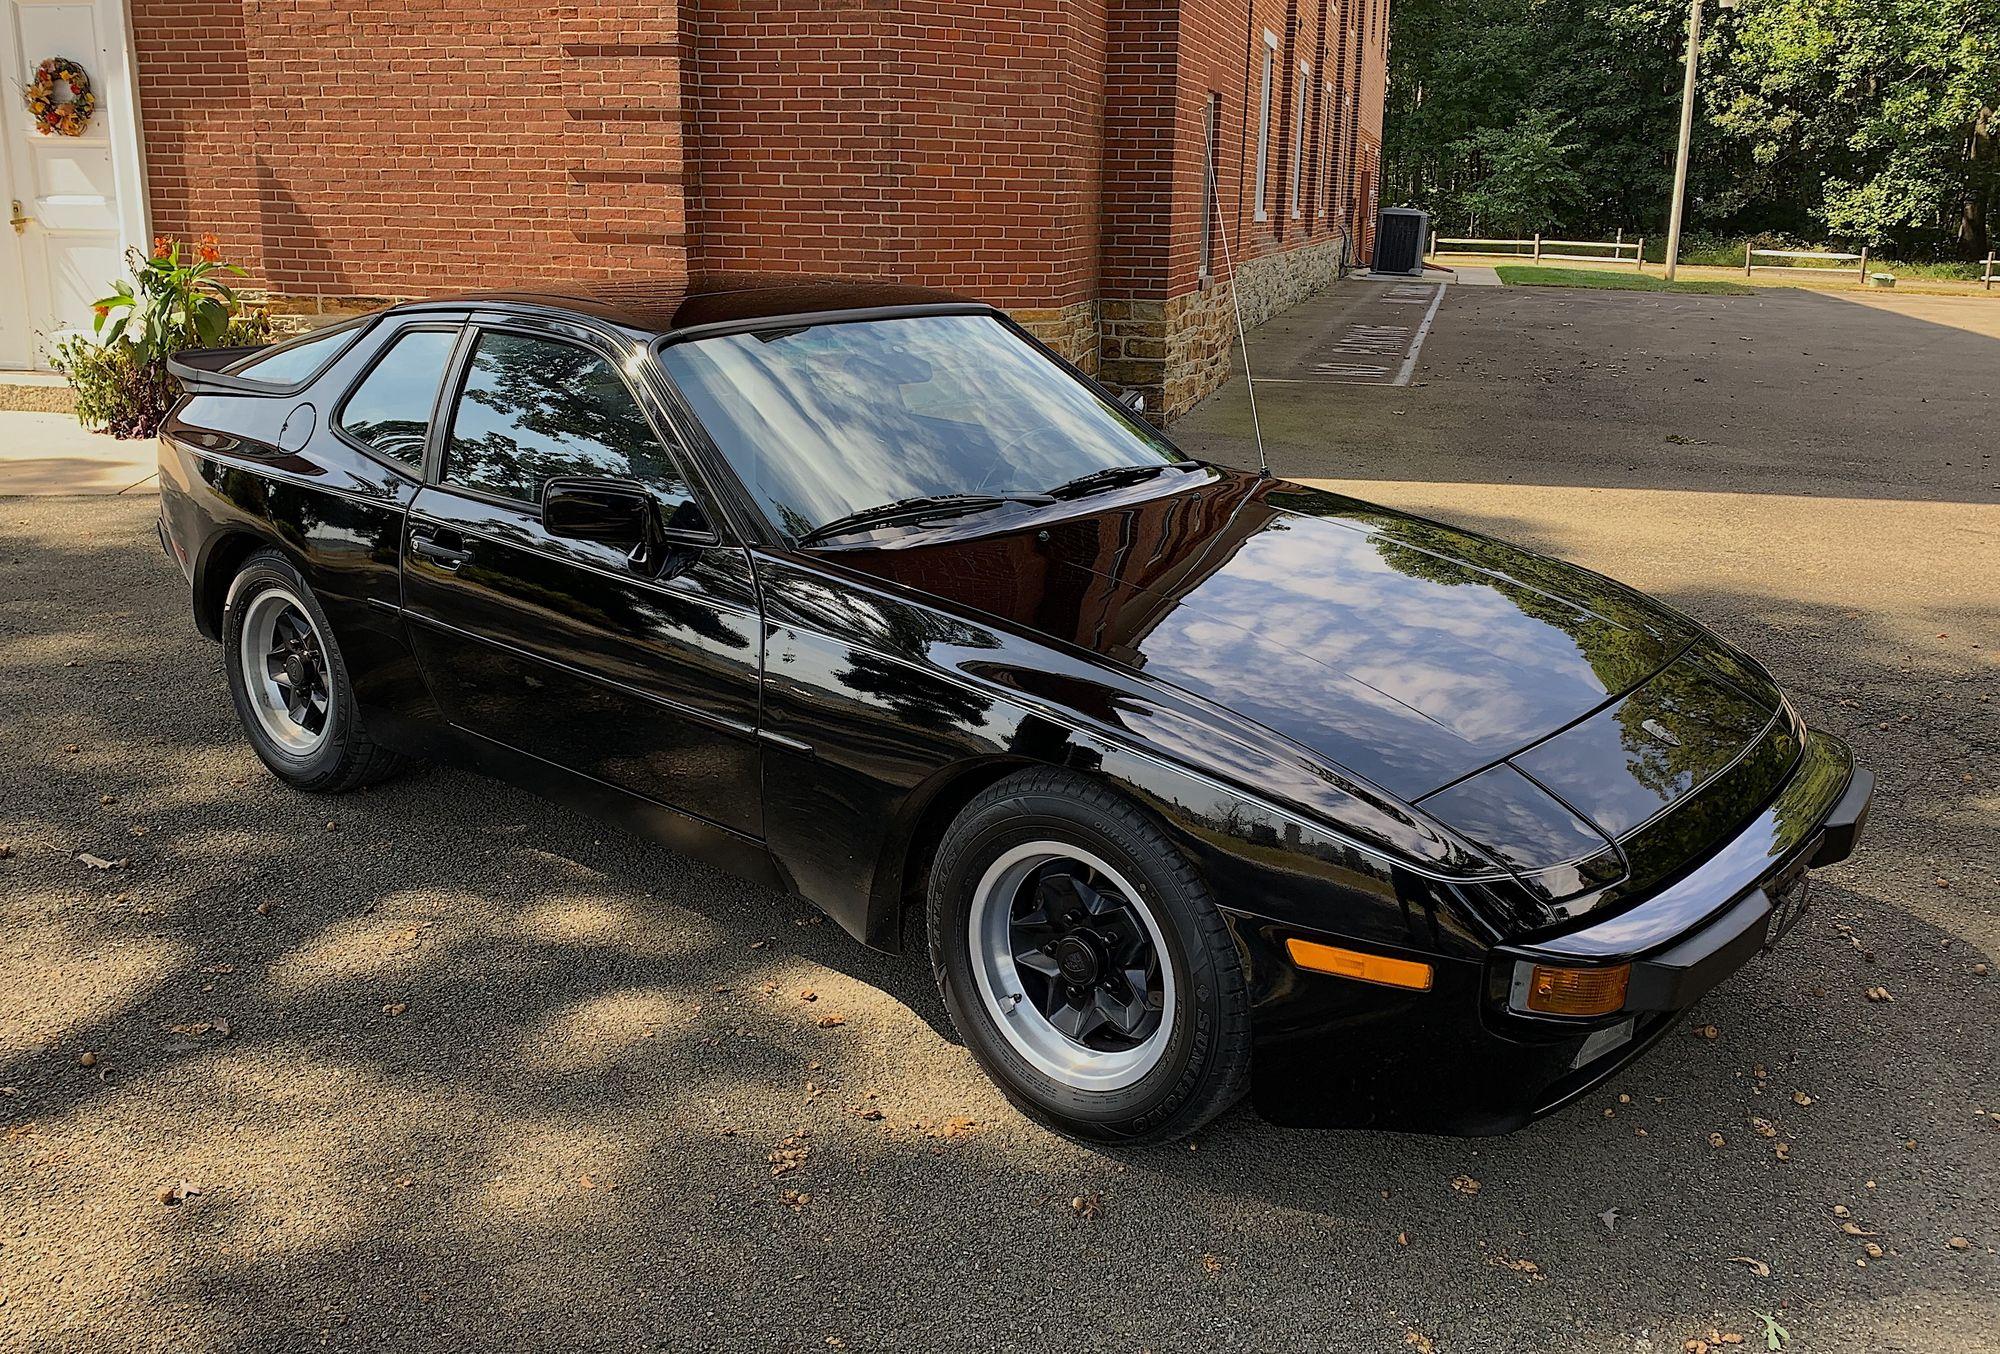 """<img src=""""porsche-944-front-three.jpeg"""" alt=""""An immaculate 1983 Porsche 944 time capsule"""">"""